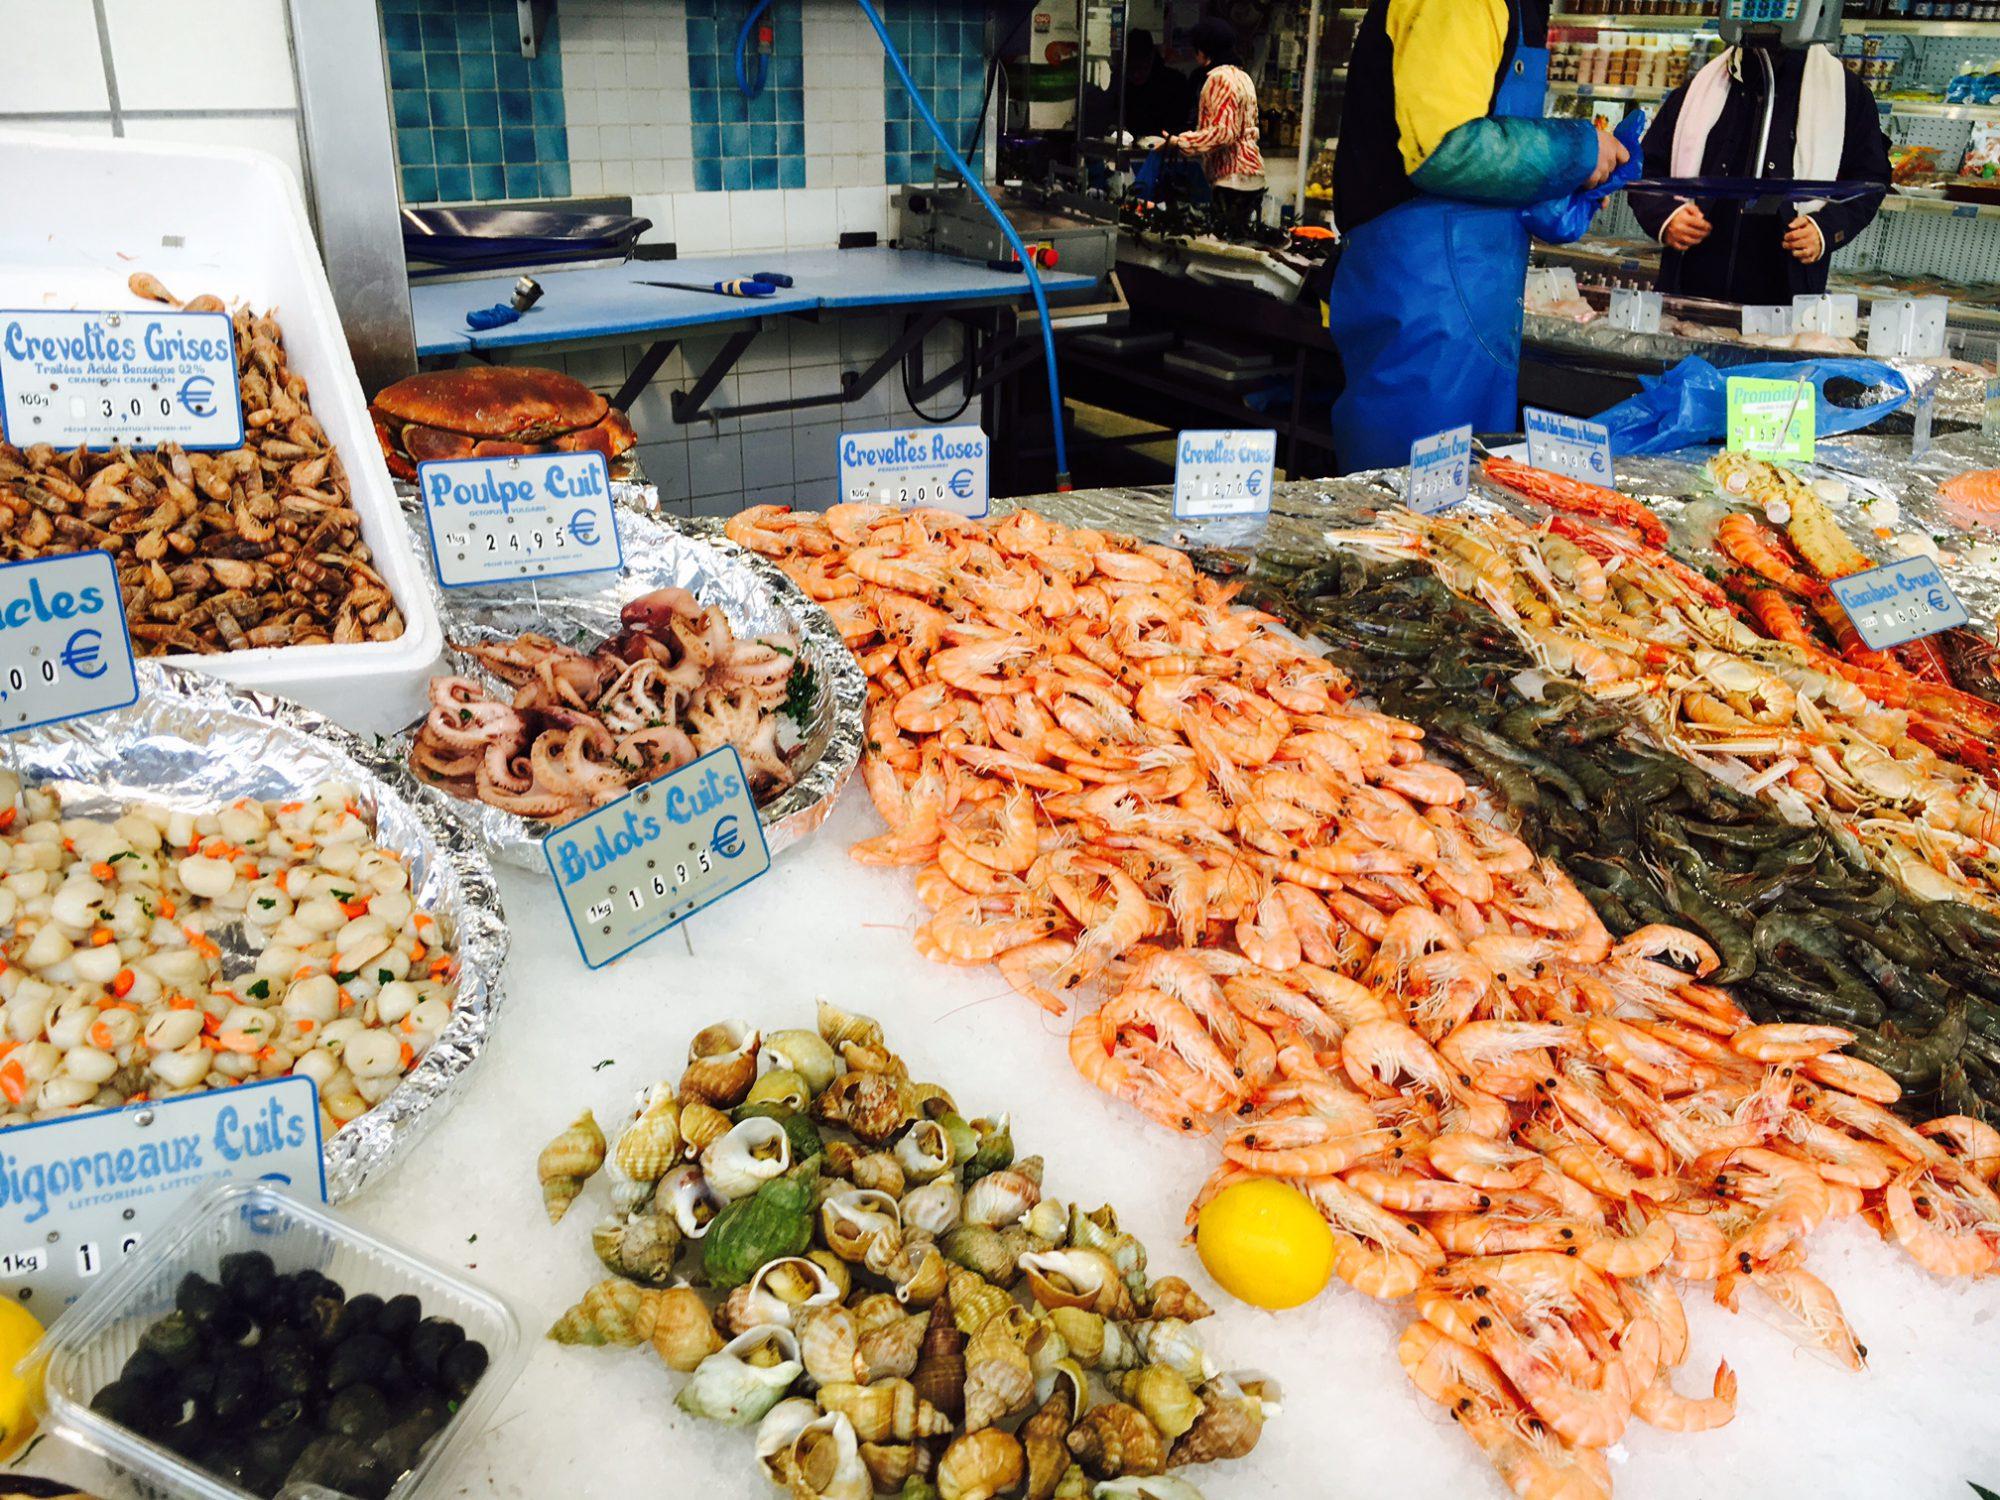 paris-essen-lecker-reisetagebuch-traveldiary-fashionzauber-meeresfrüchte-seafood